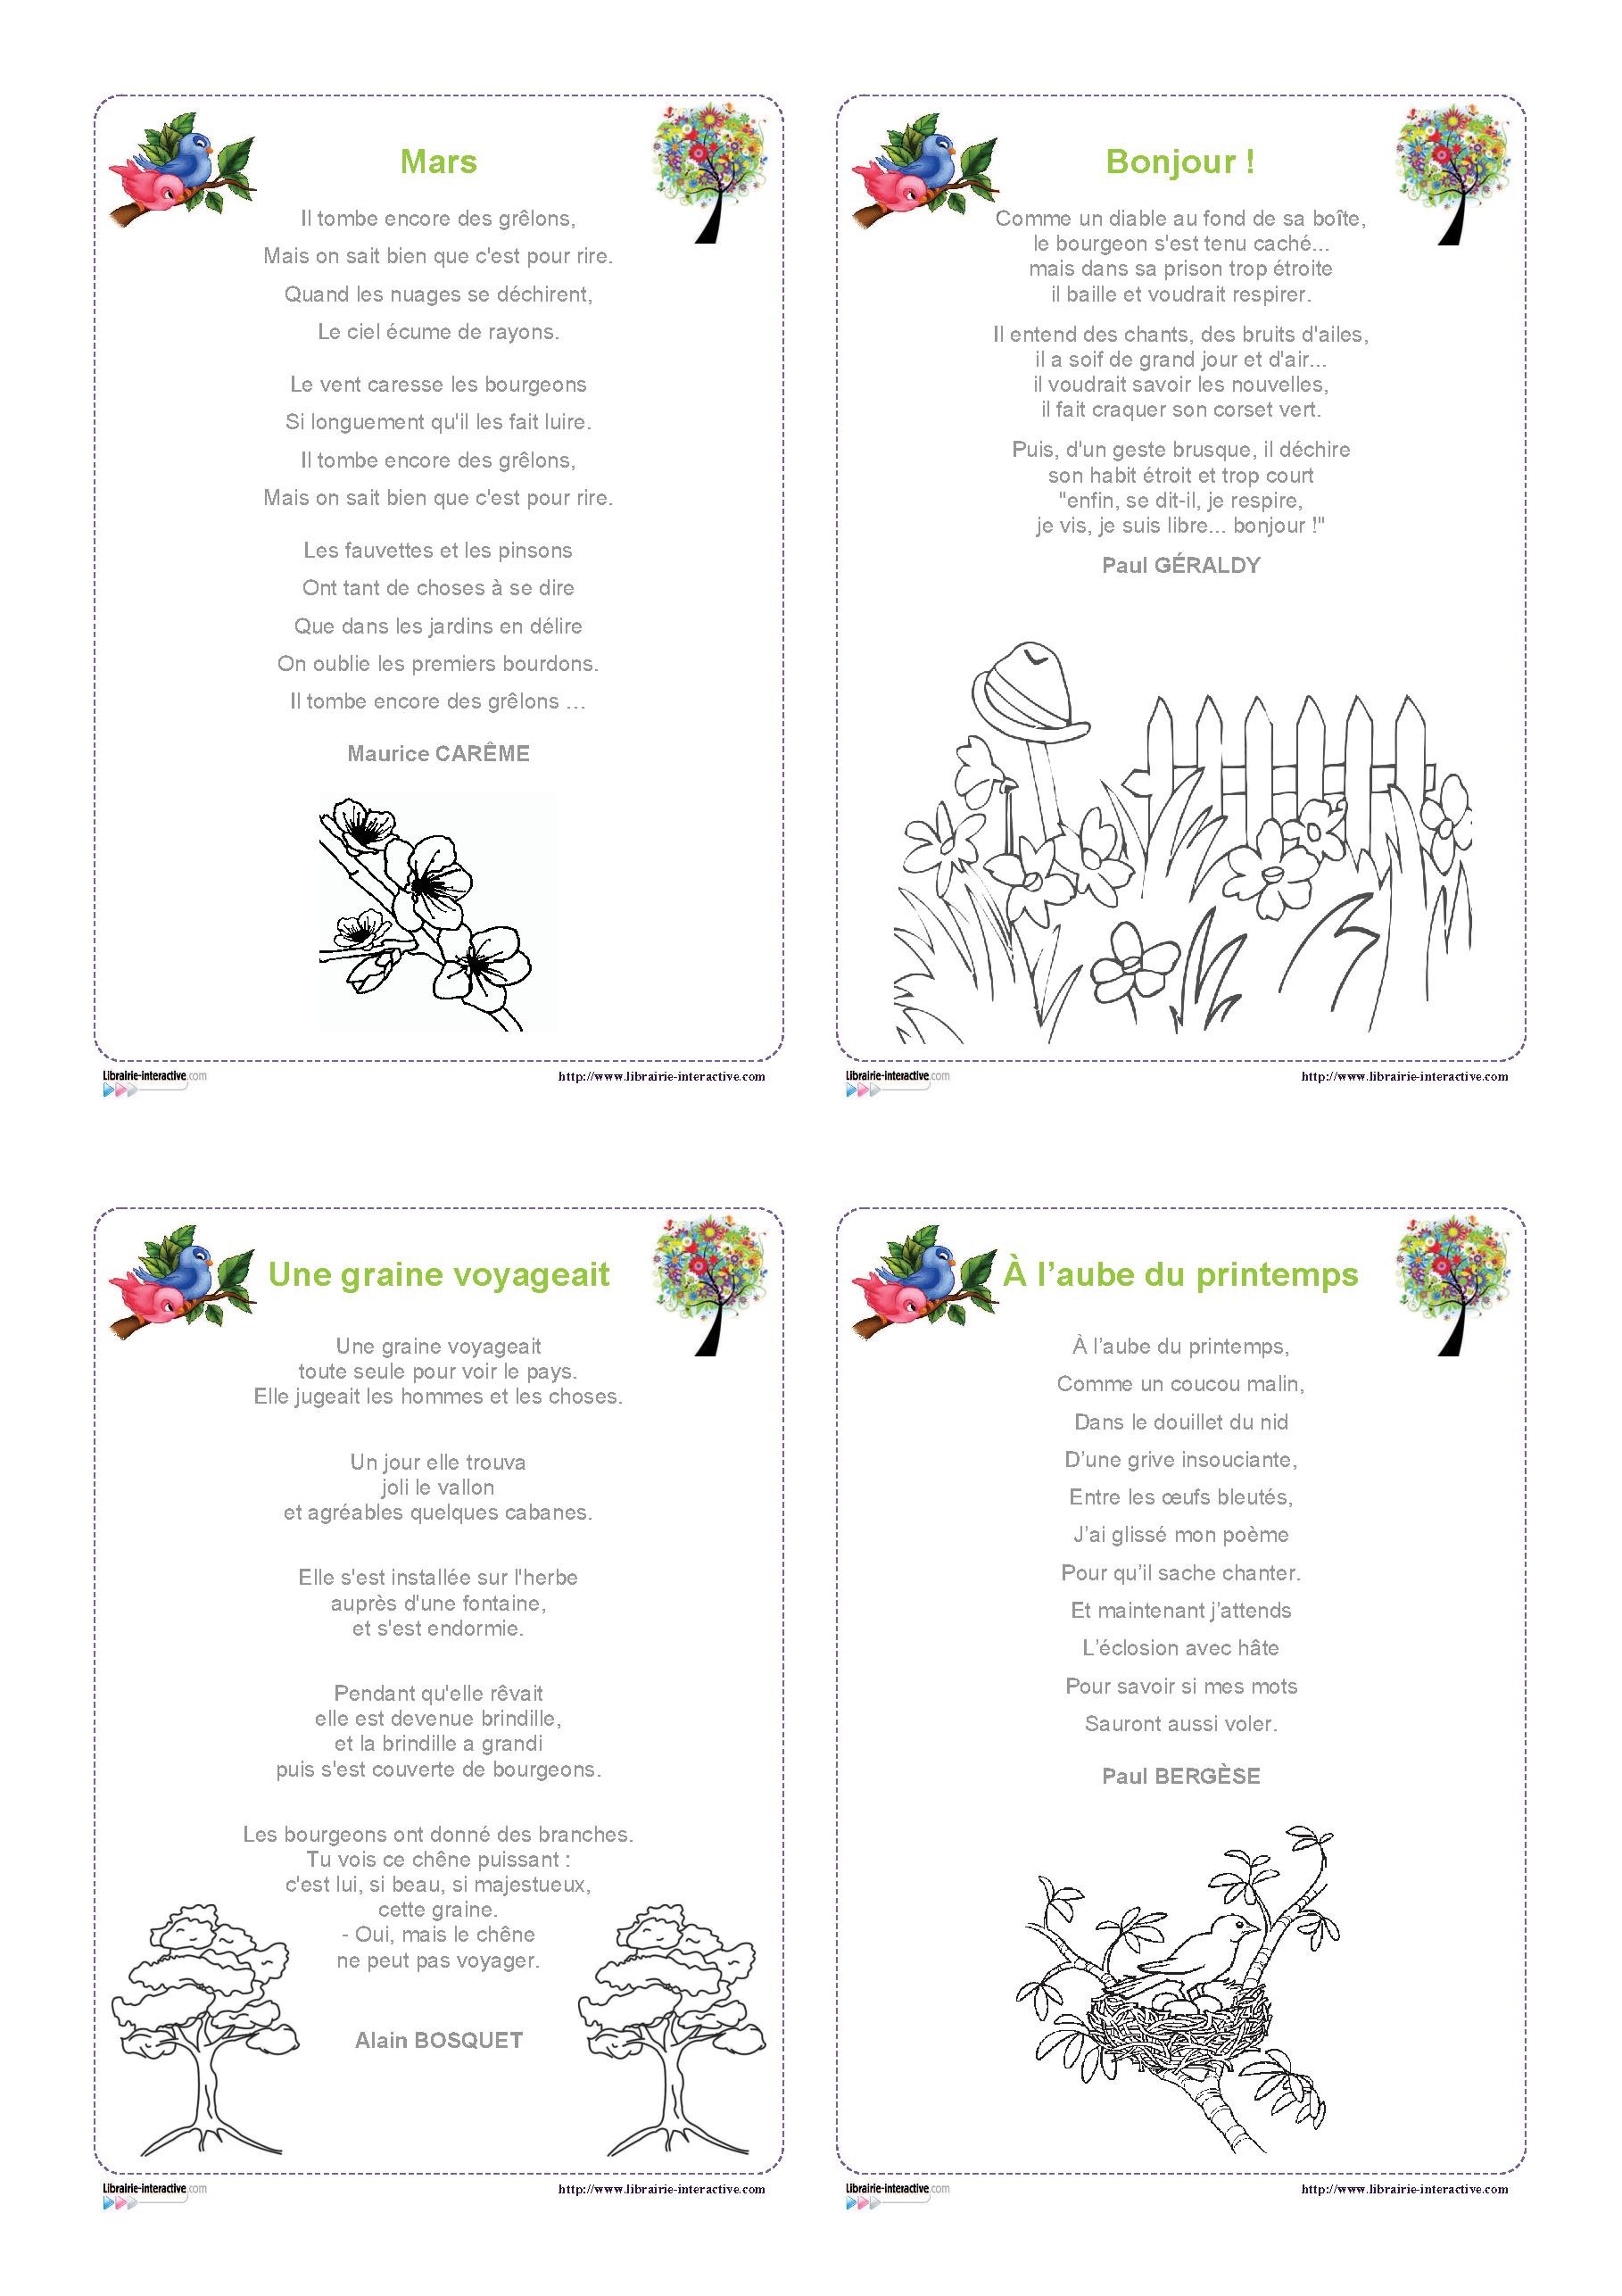 12 Poésies Illustrées Sur Le Thème Du Printemps Pour Les